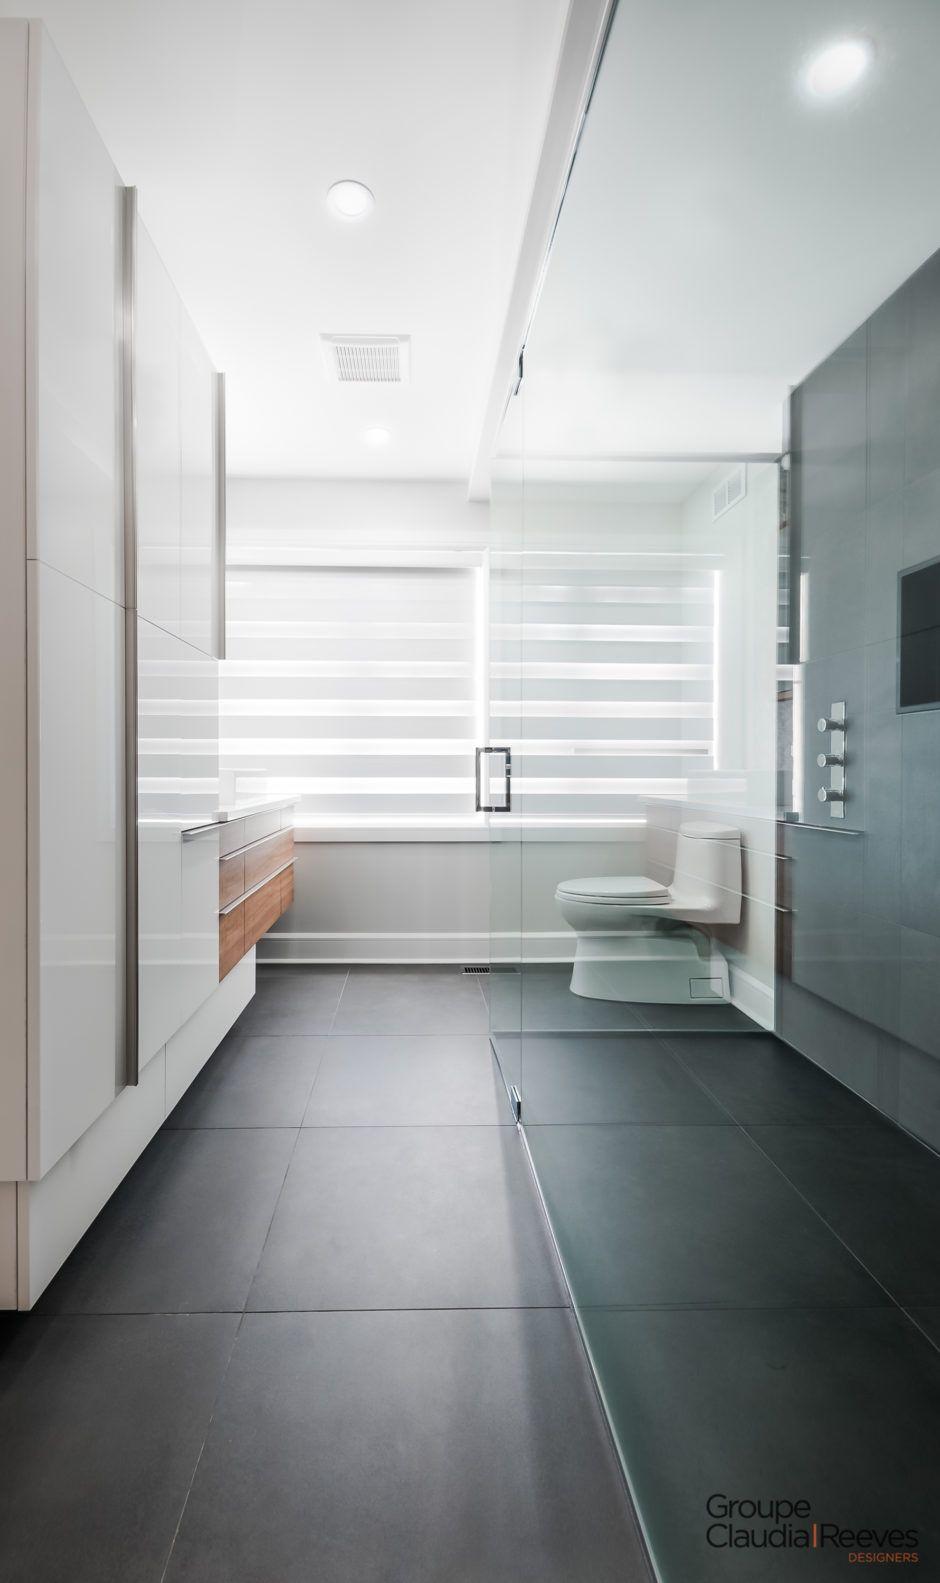 Chambre Et Salle De Bain Attenante salle de bain - chambre des maîtres - bibliothèque intégrée